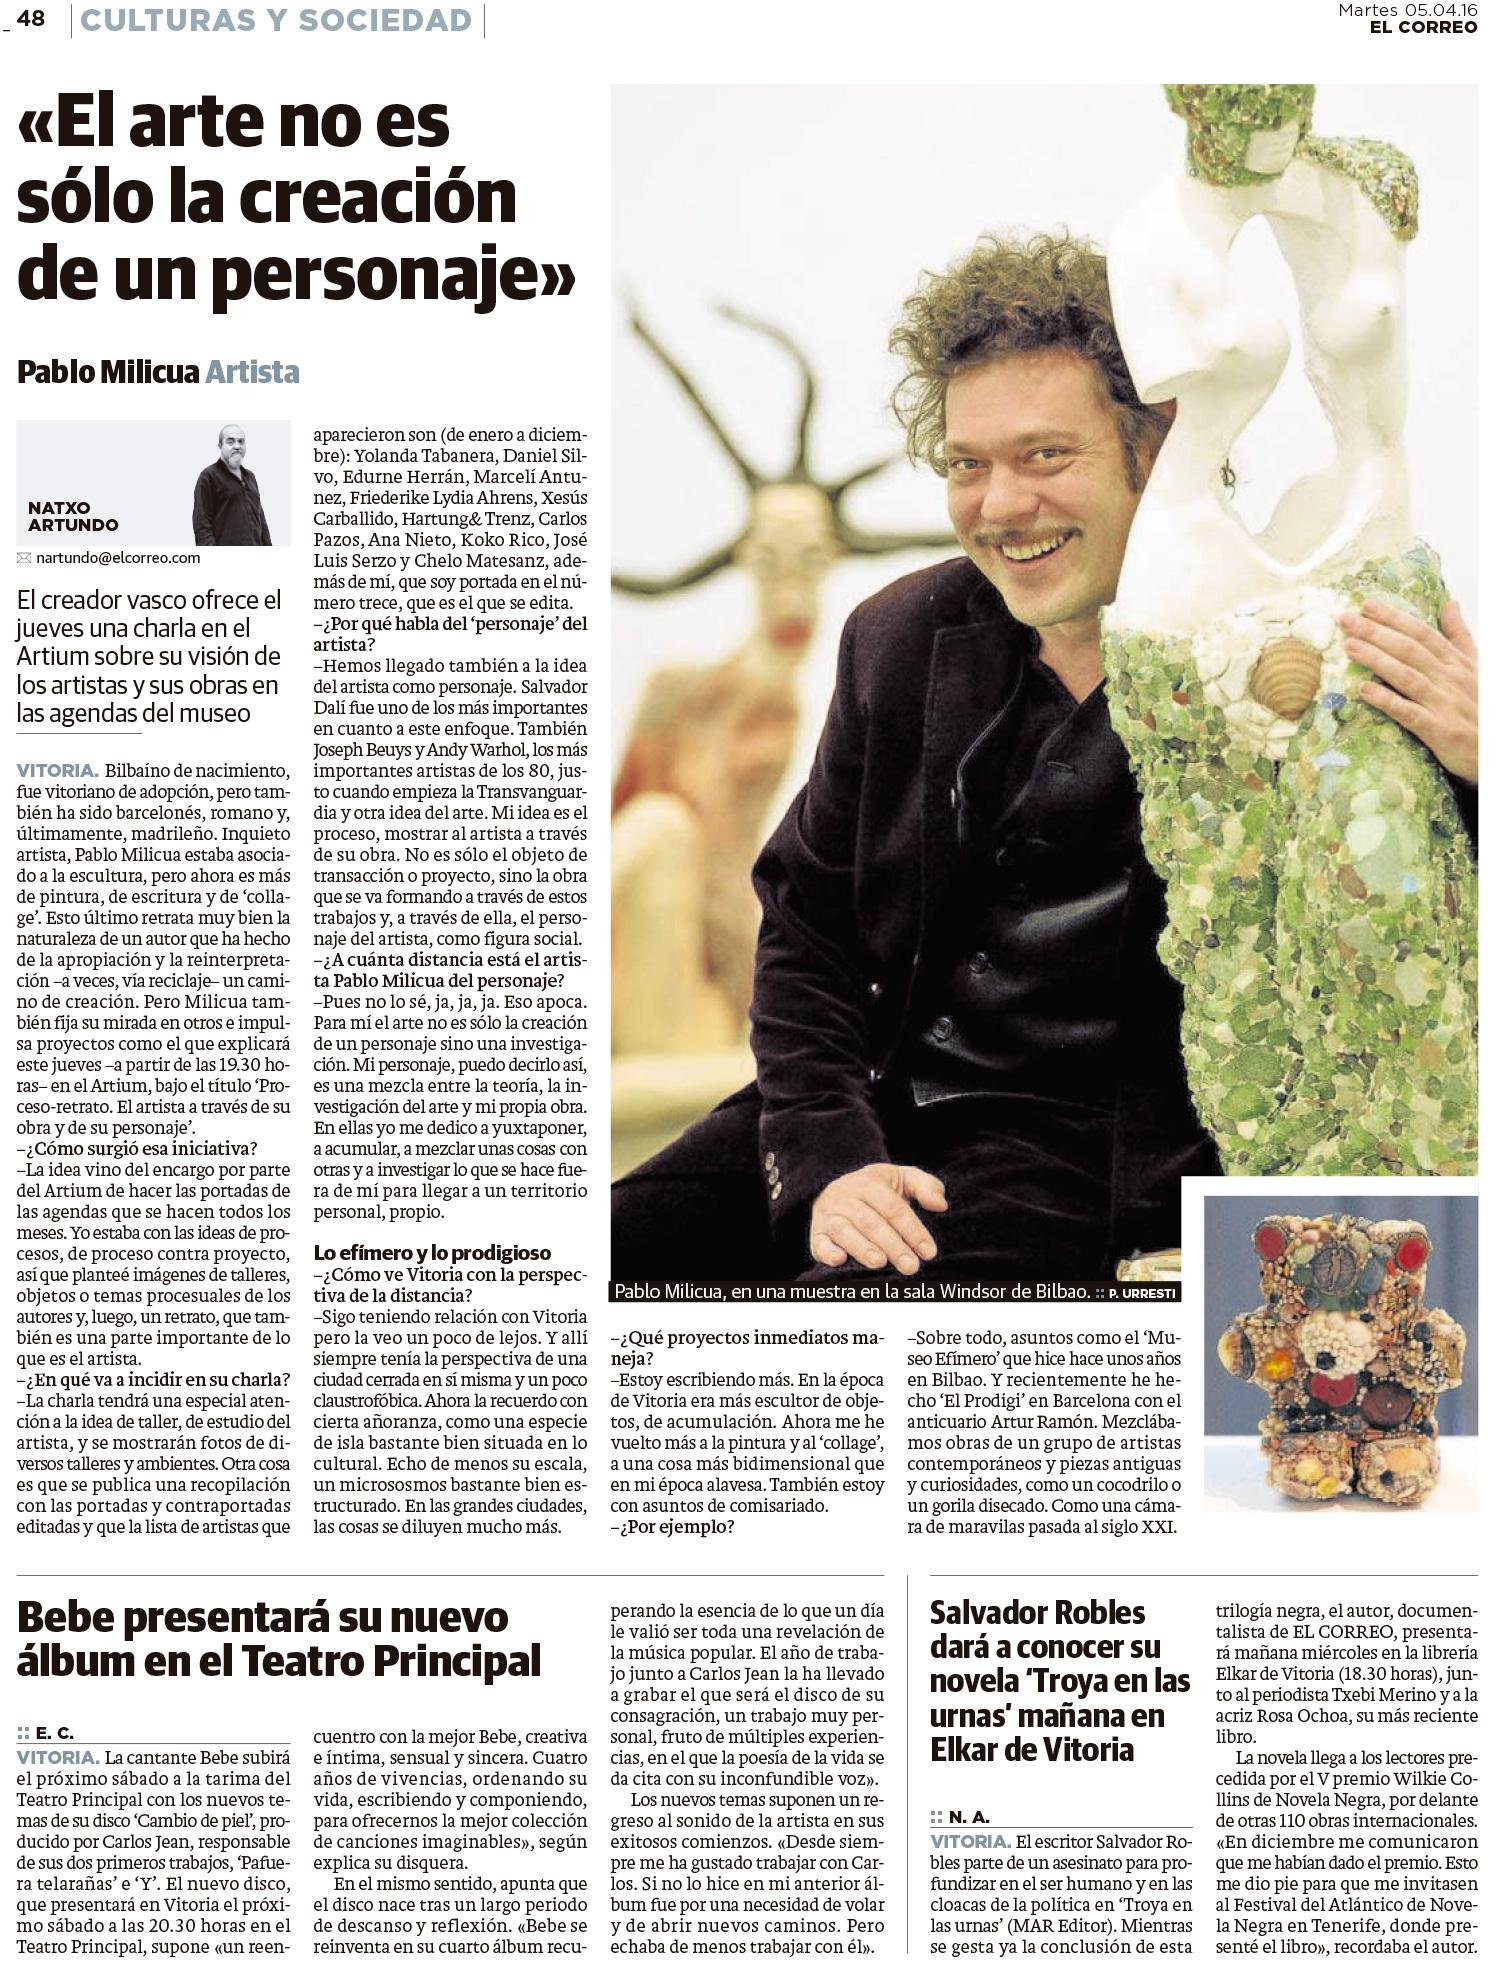 Entrevista Pablo Milicua